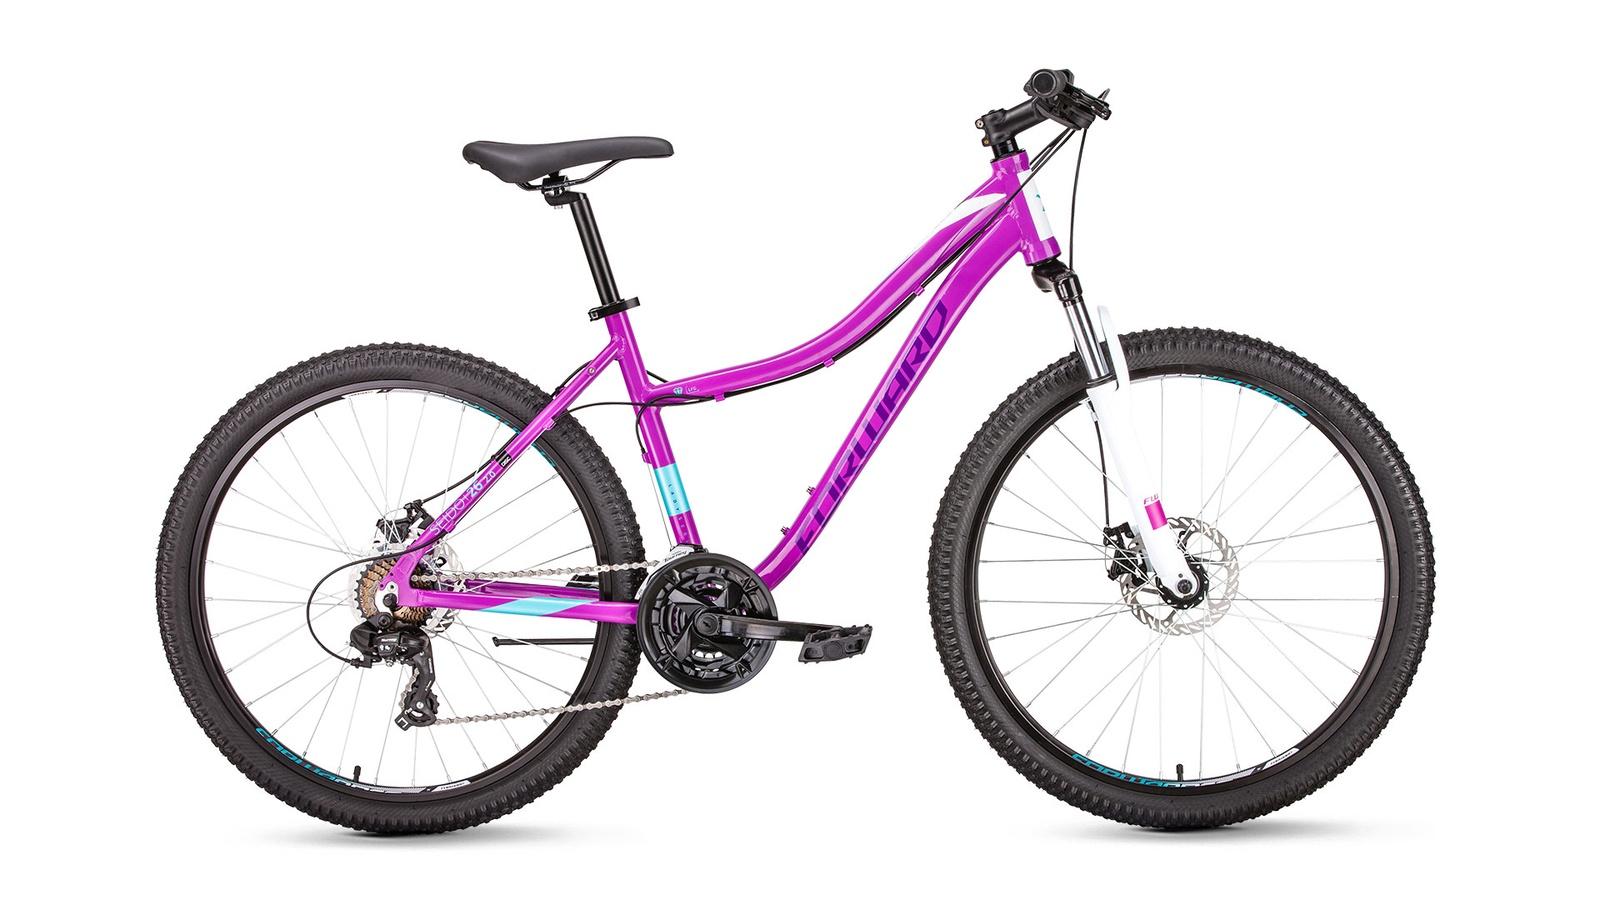 цена на Велосипед Forward Seido 26 2.0 disc, фиолетовый